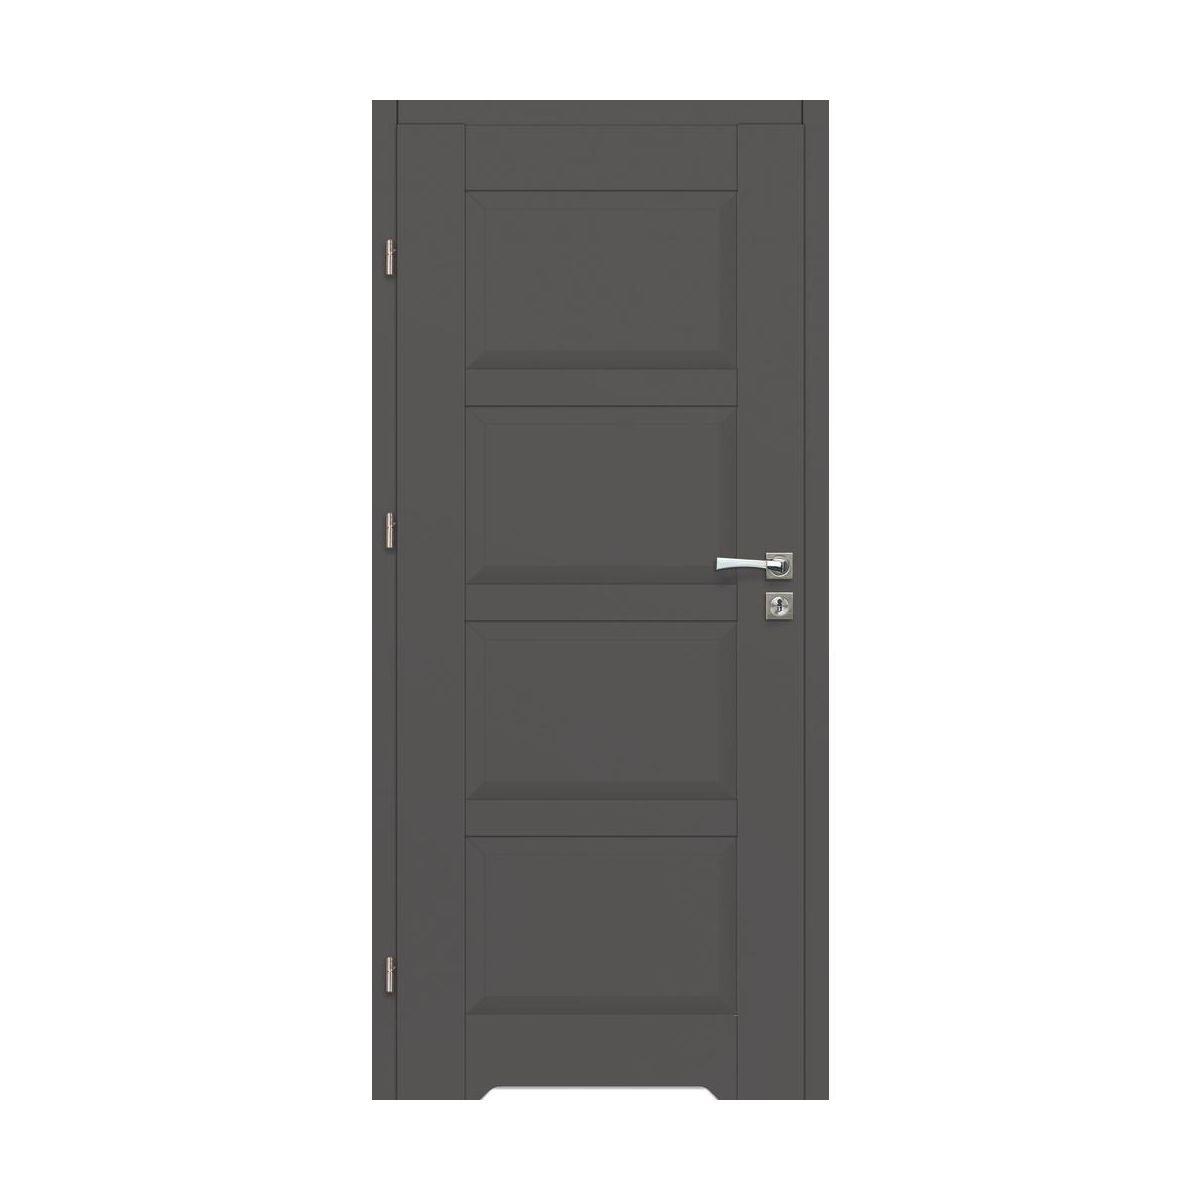 Skrzydlo Drzwiowe Lido Grafit 80 Lewe Artens Drzwi Wewnetrzne W Atrakcyjnej Cenie W Sklepach Leroy Merlin Tall Cabinet Storage Locker Storage Storage